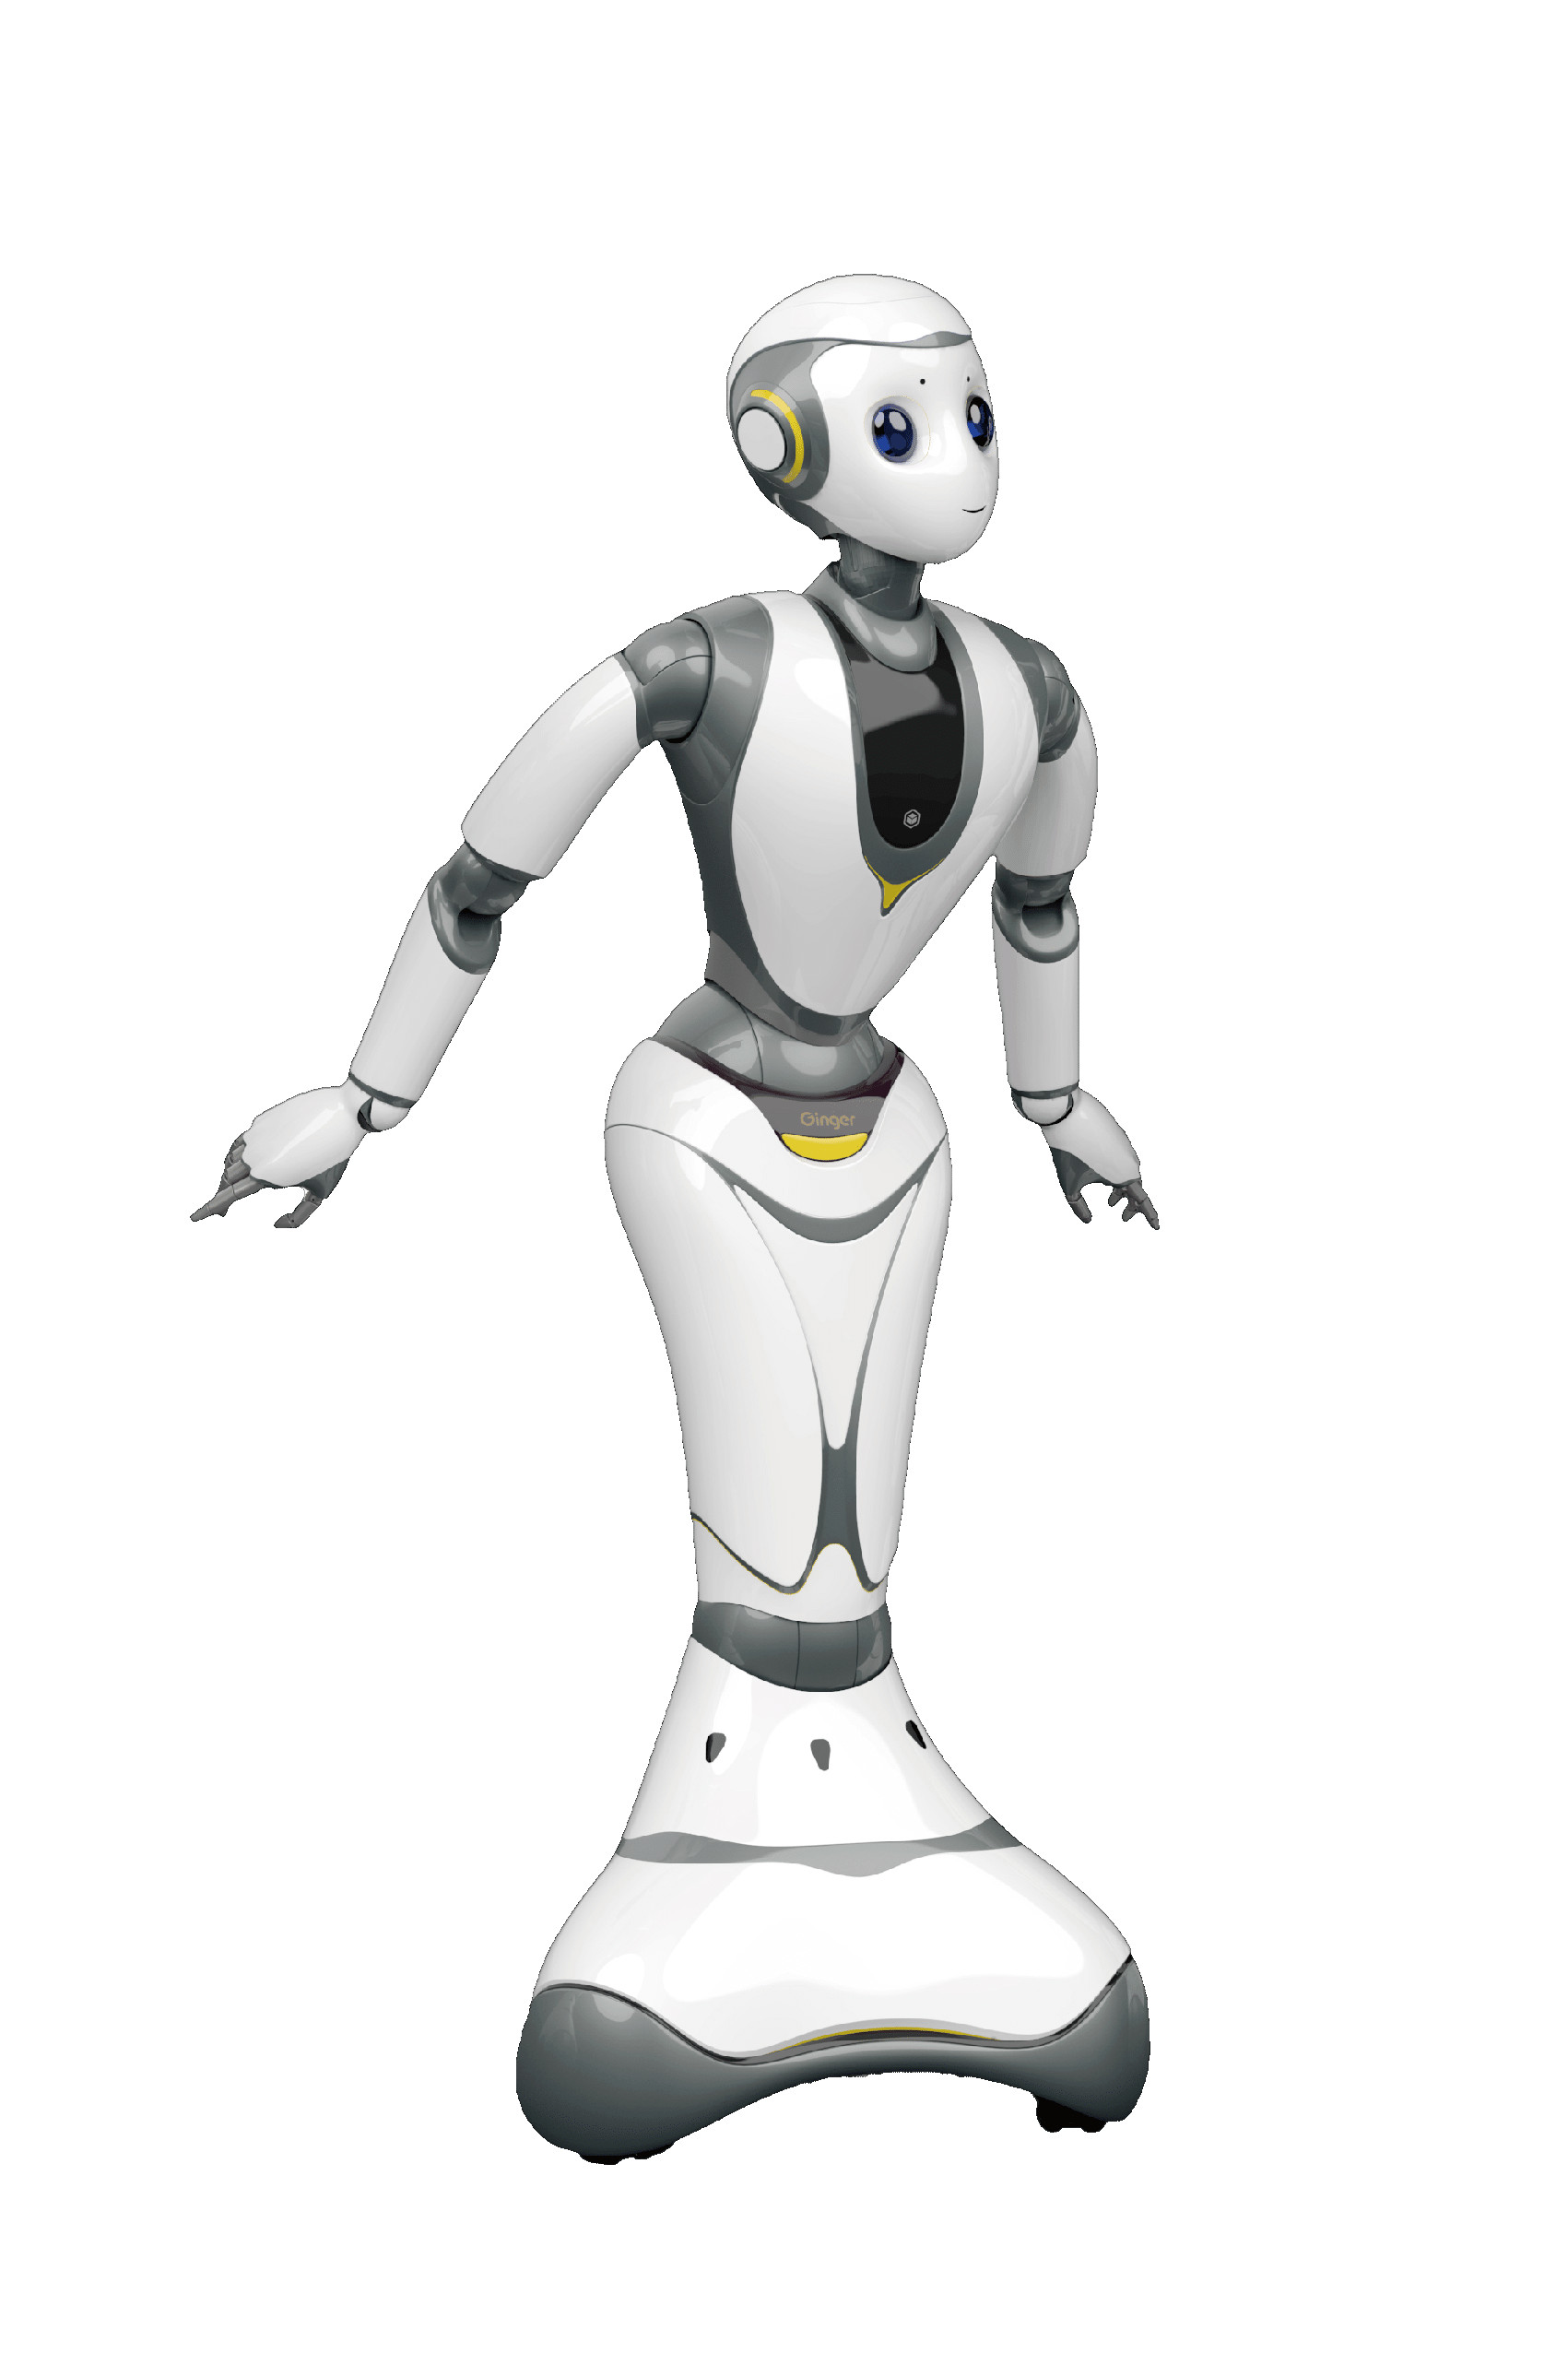 Robot Ginger